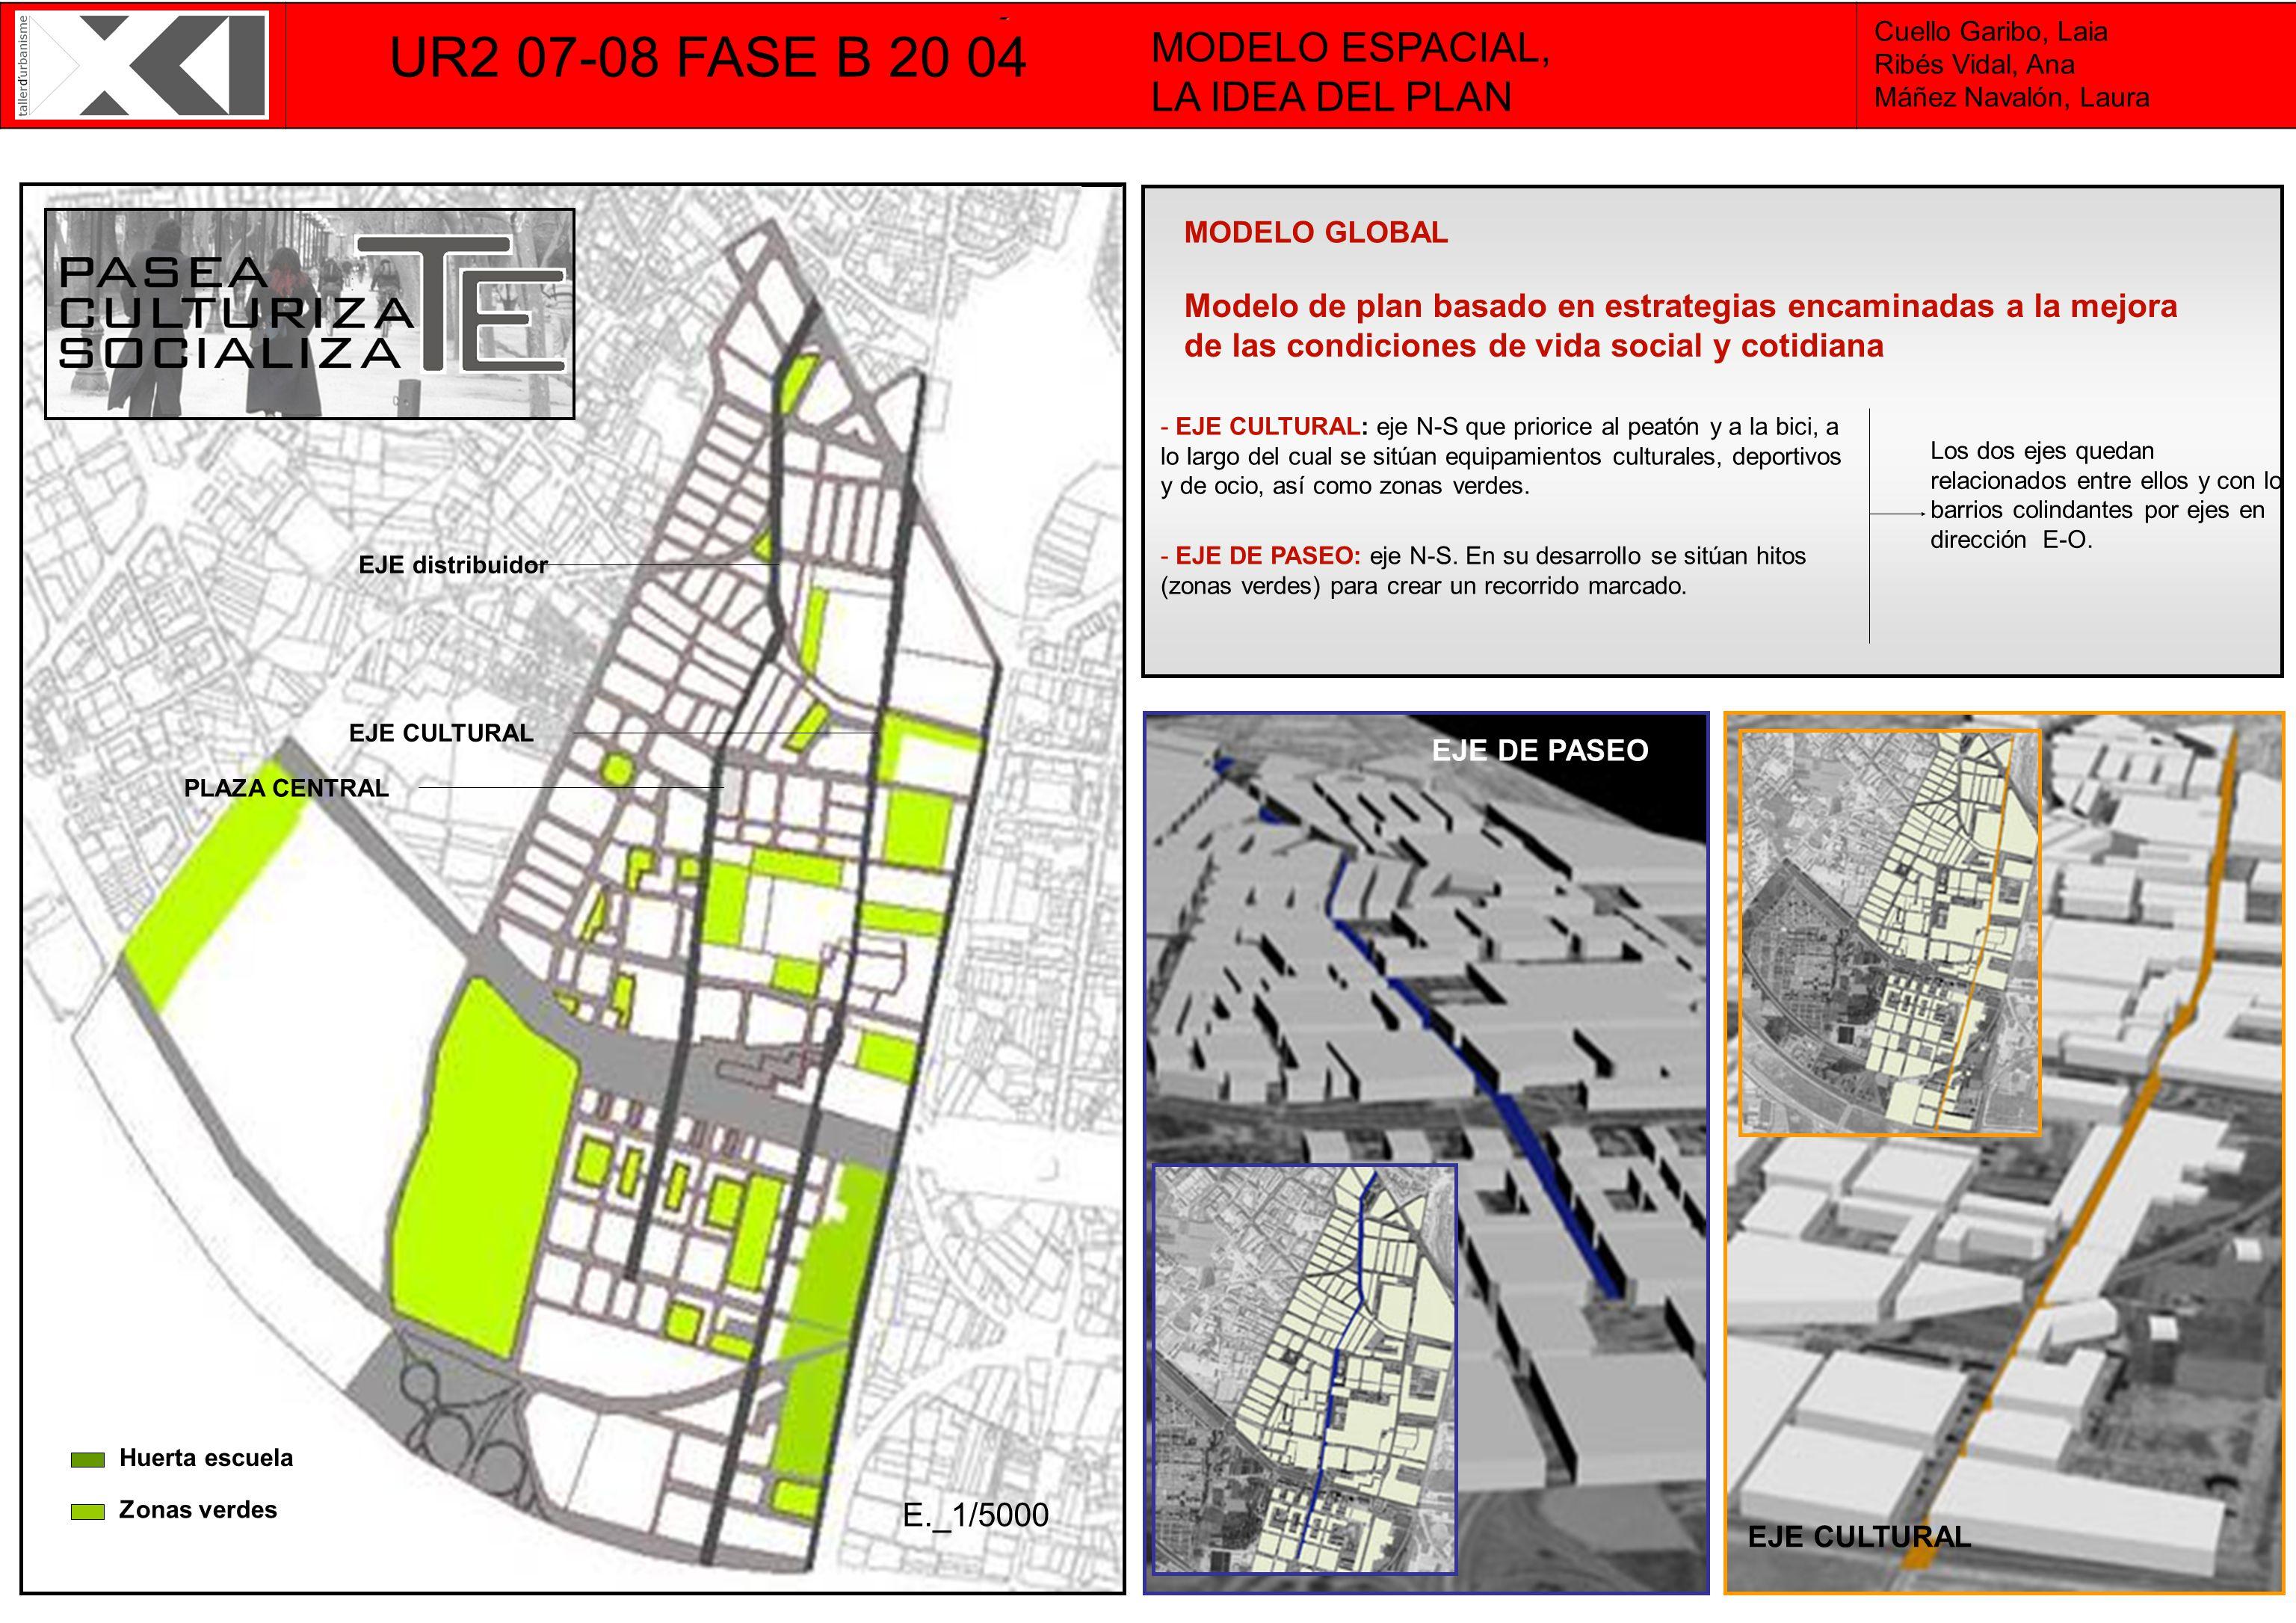 UR2 07-08 FASE B 20 04 UR2 07-08 FASE B 20 01 UR2 07-08 FASE B 20 04